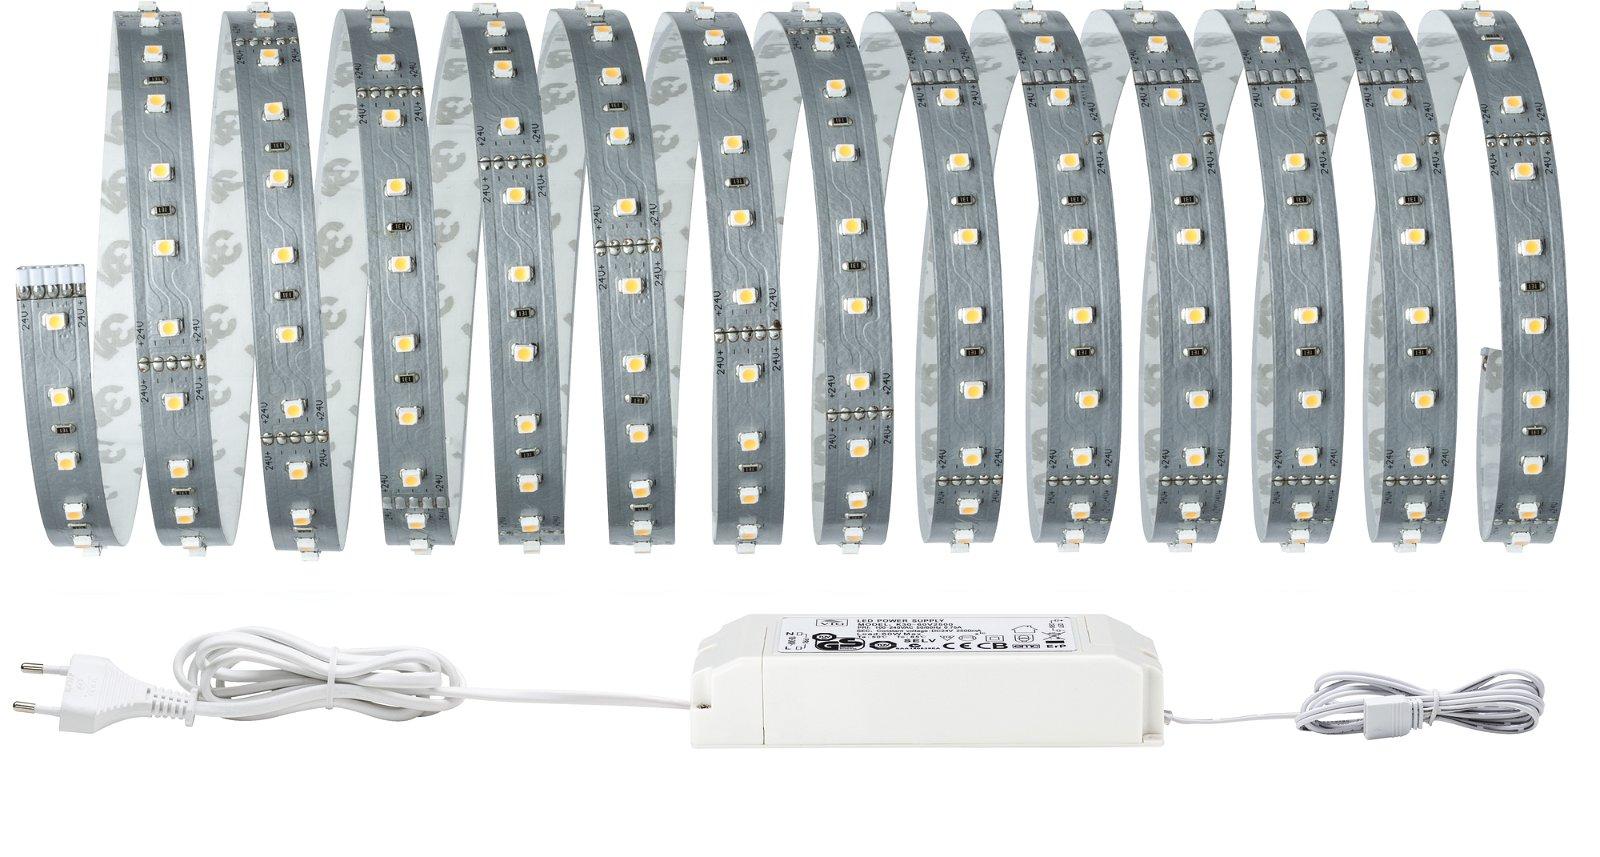 MaxLED 500 LED Strip Daglichtwit 5m 28W 550lm/m 6500K 60VA